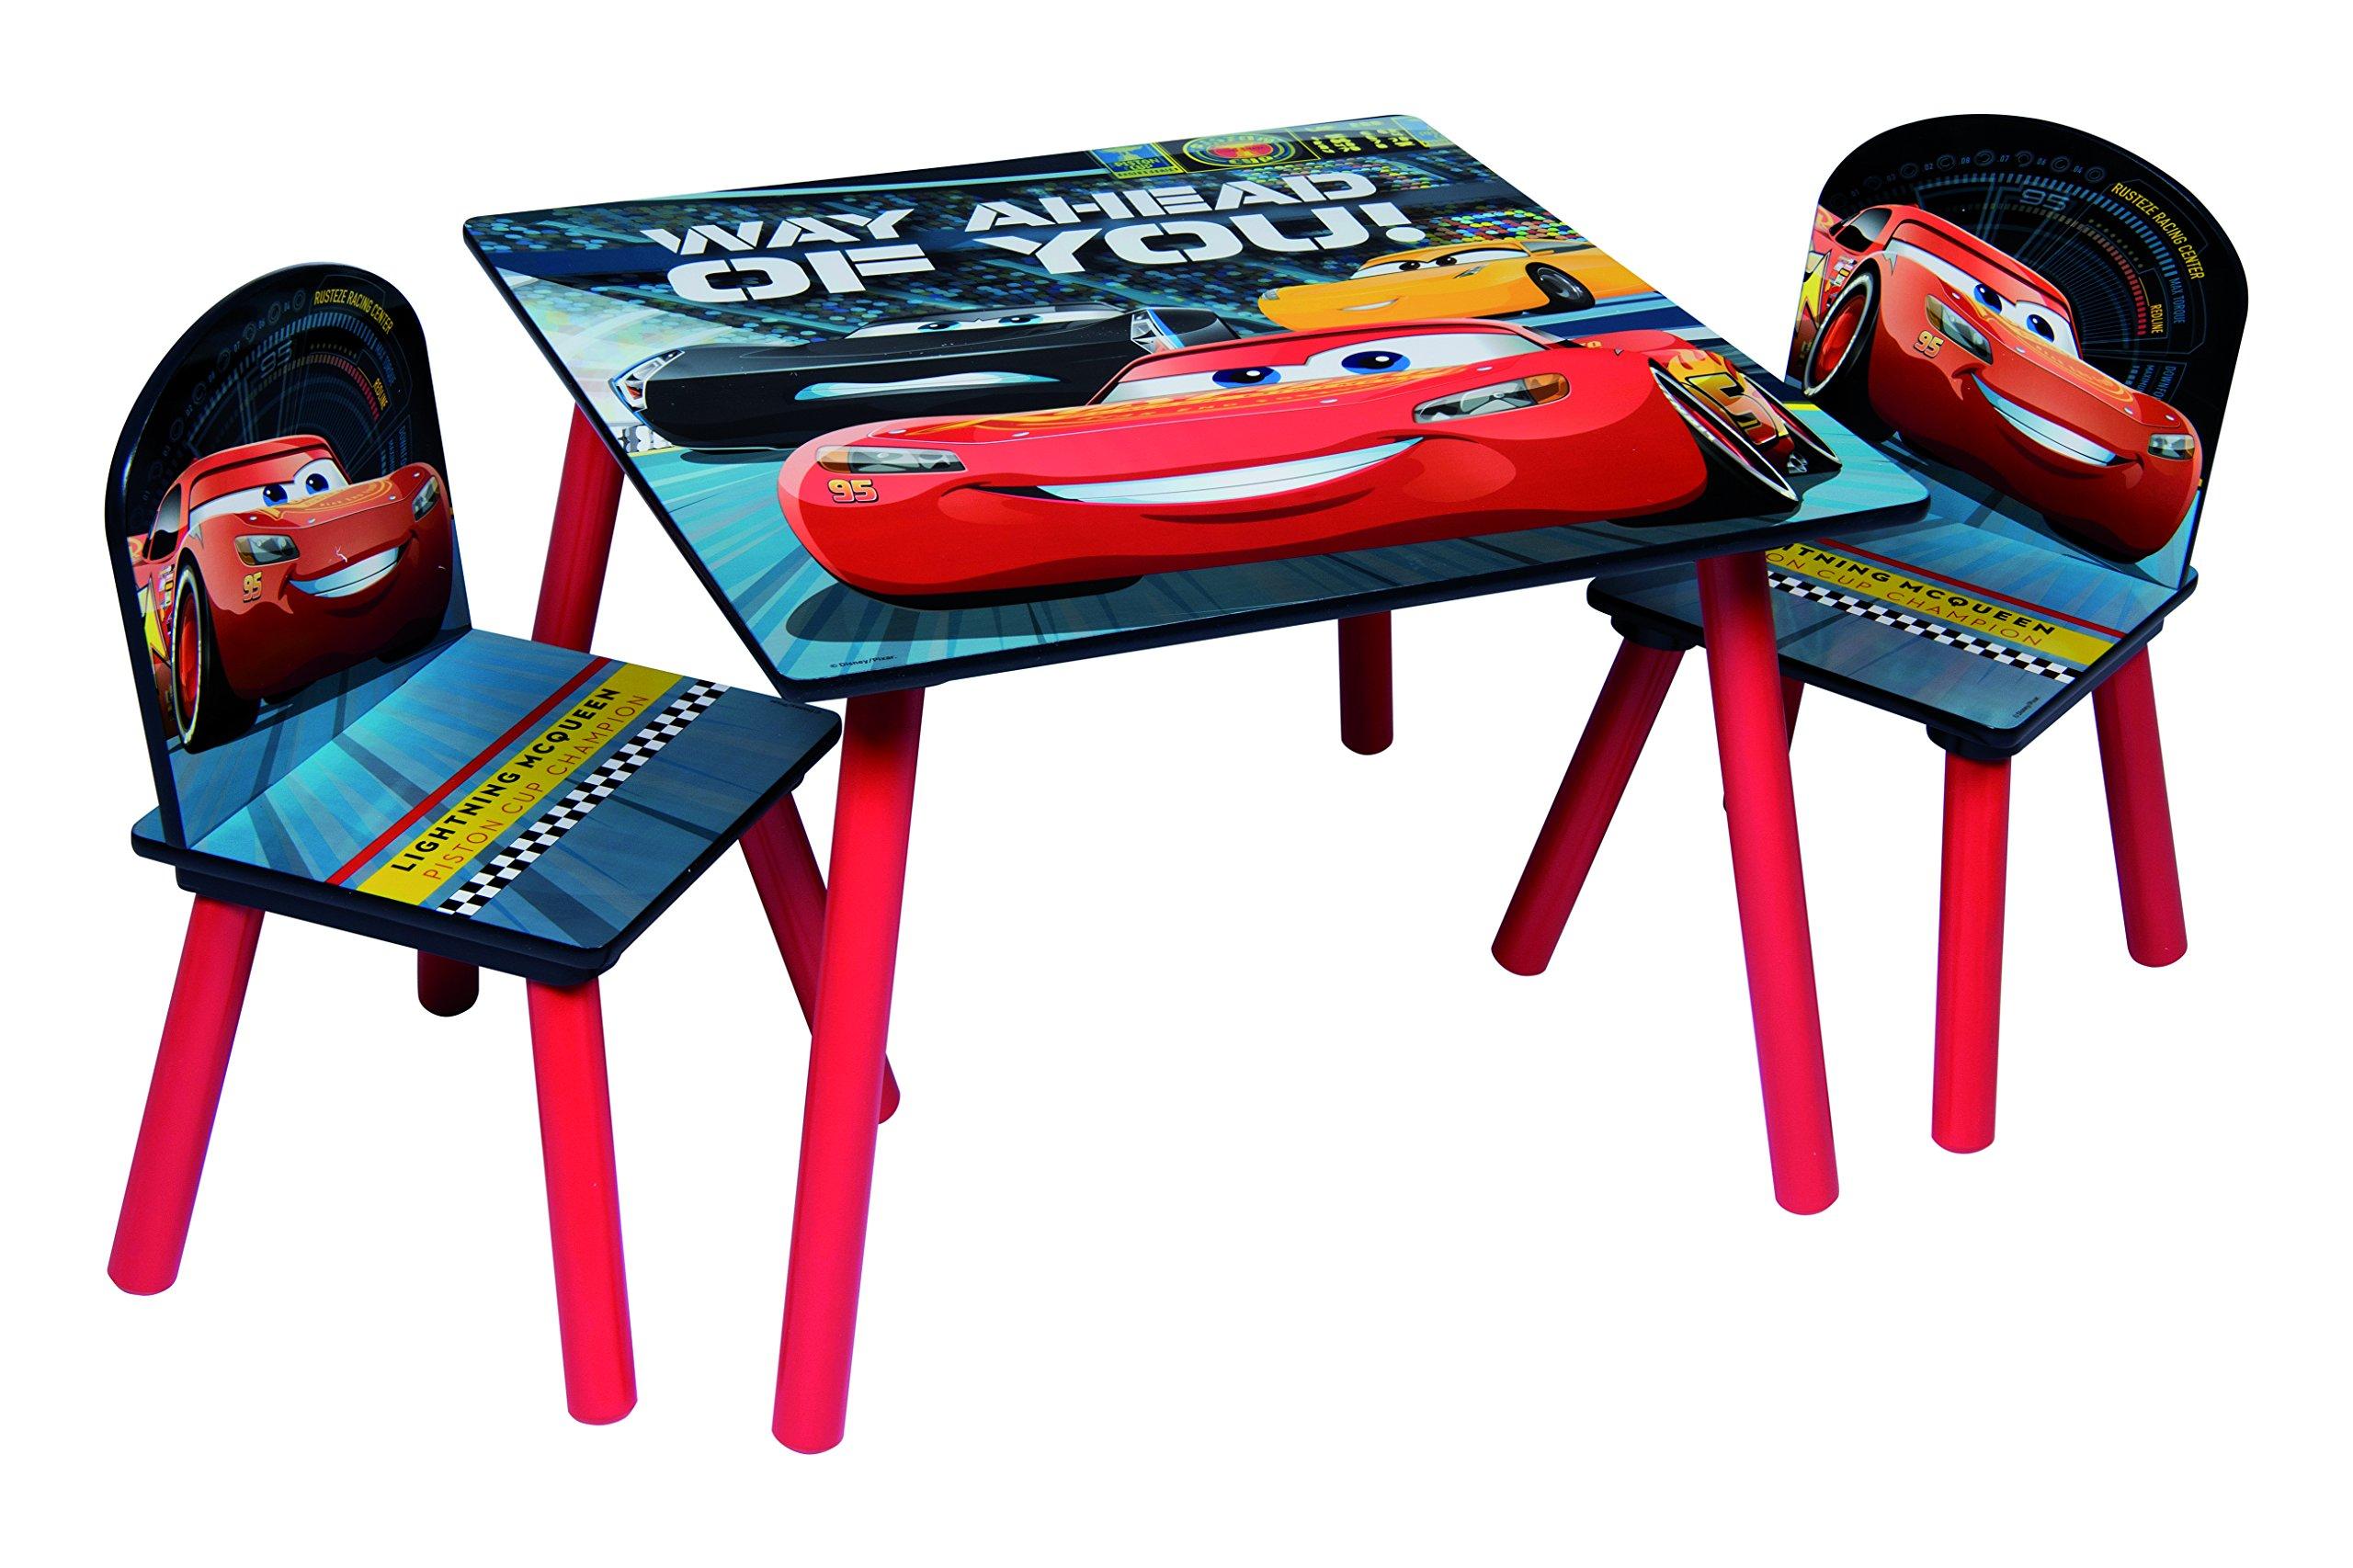 Tavolino Disney Legno.Disney Pixar Cars 3 2 Tavolo E 2 Sedie Mdf Rosso Non Applicabile Giochi Legno